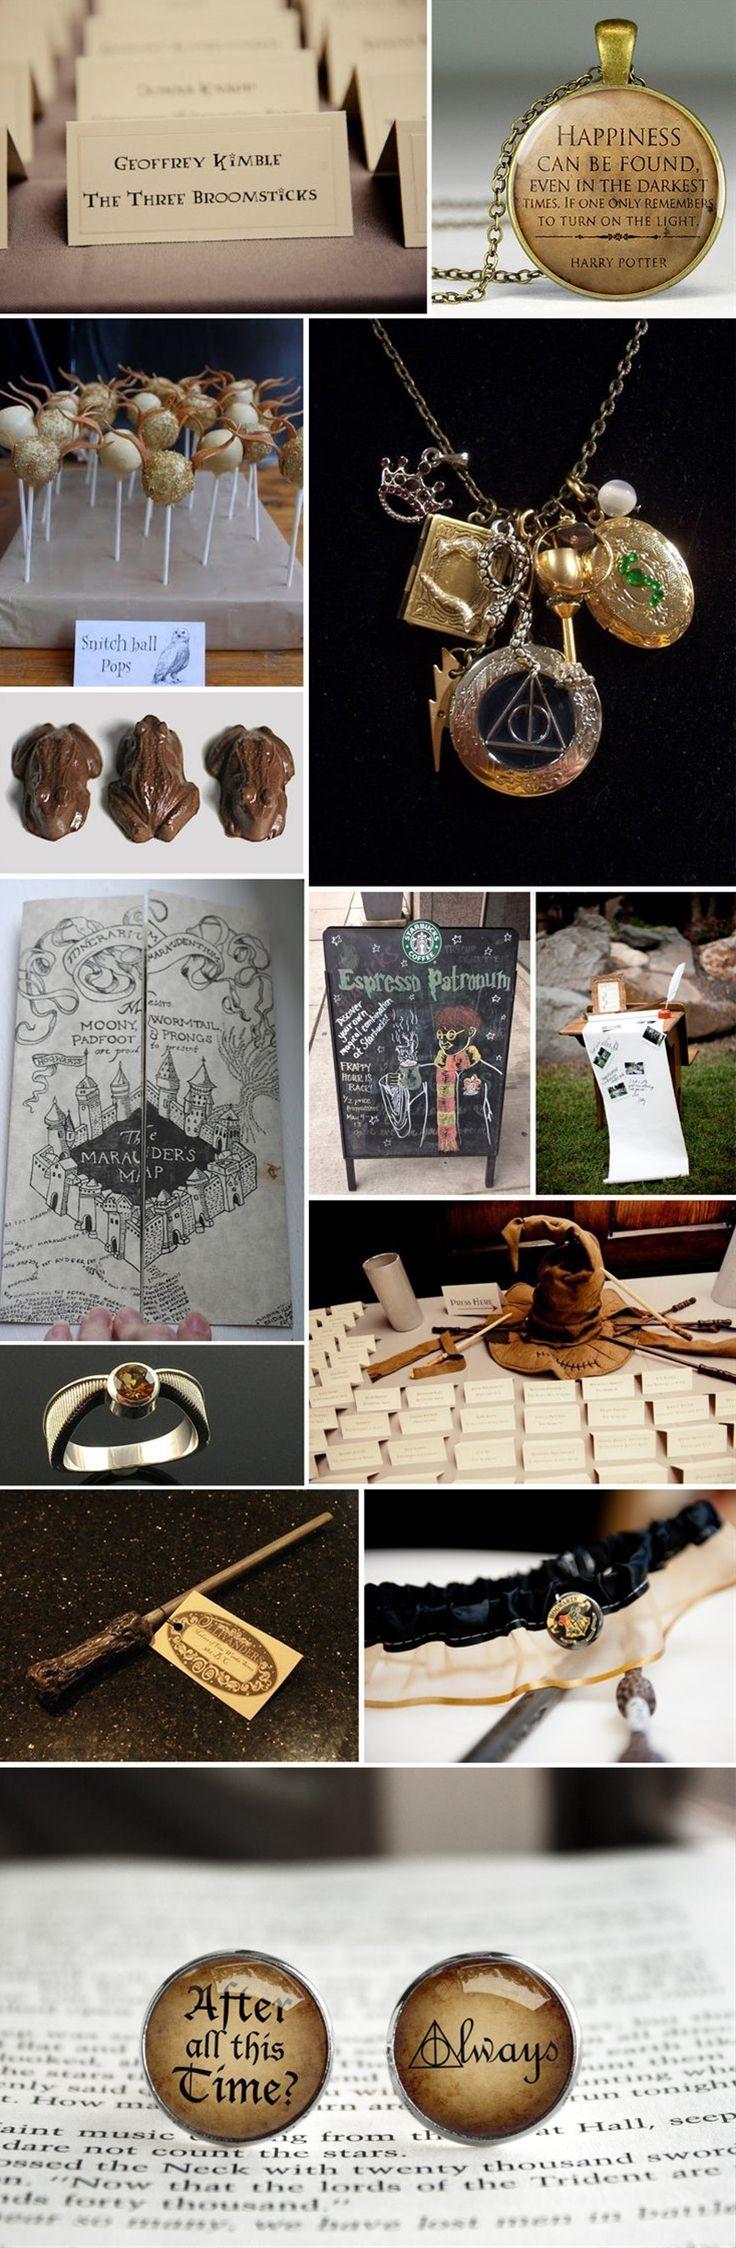 harry potter wedding inspiration deco harry potter en tout genre et harry potter. Black Bedroom Furniture Sets. Home Design Ideas